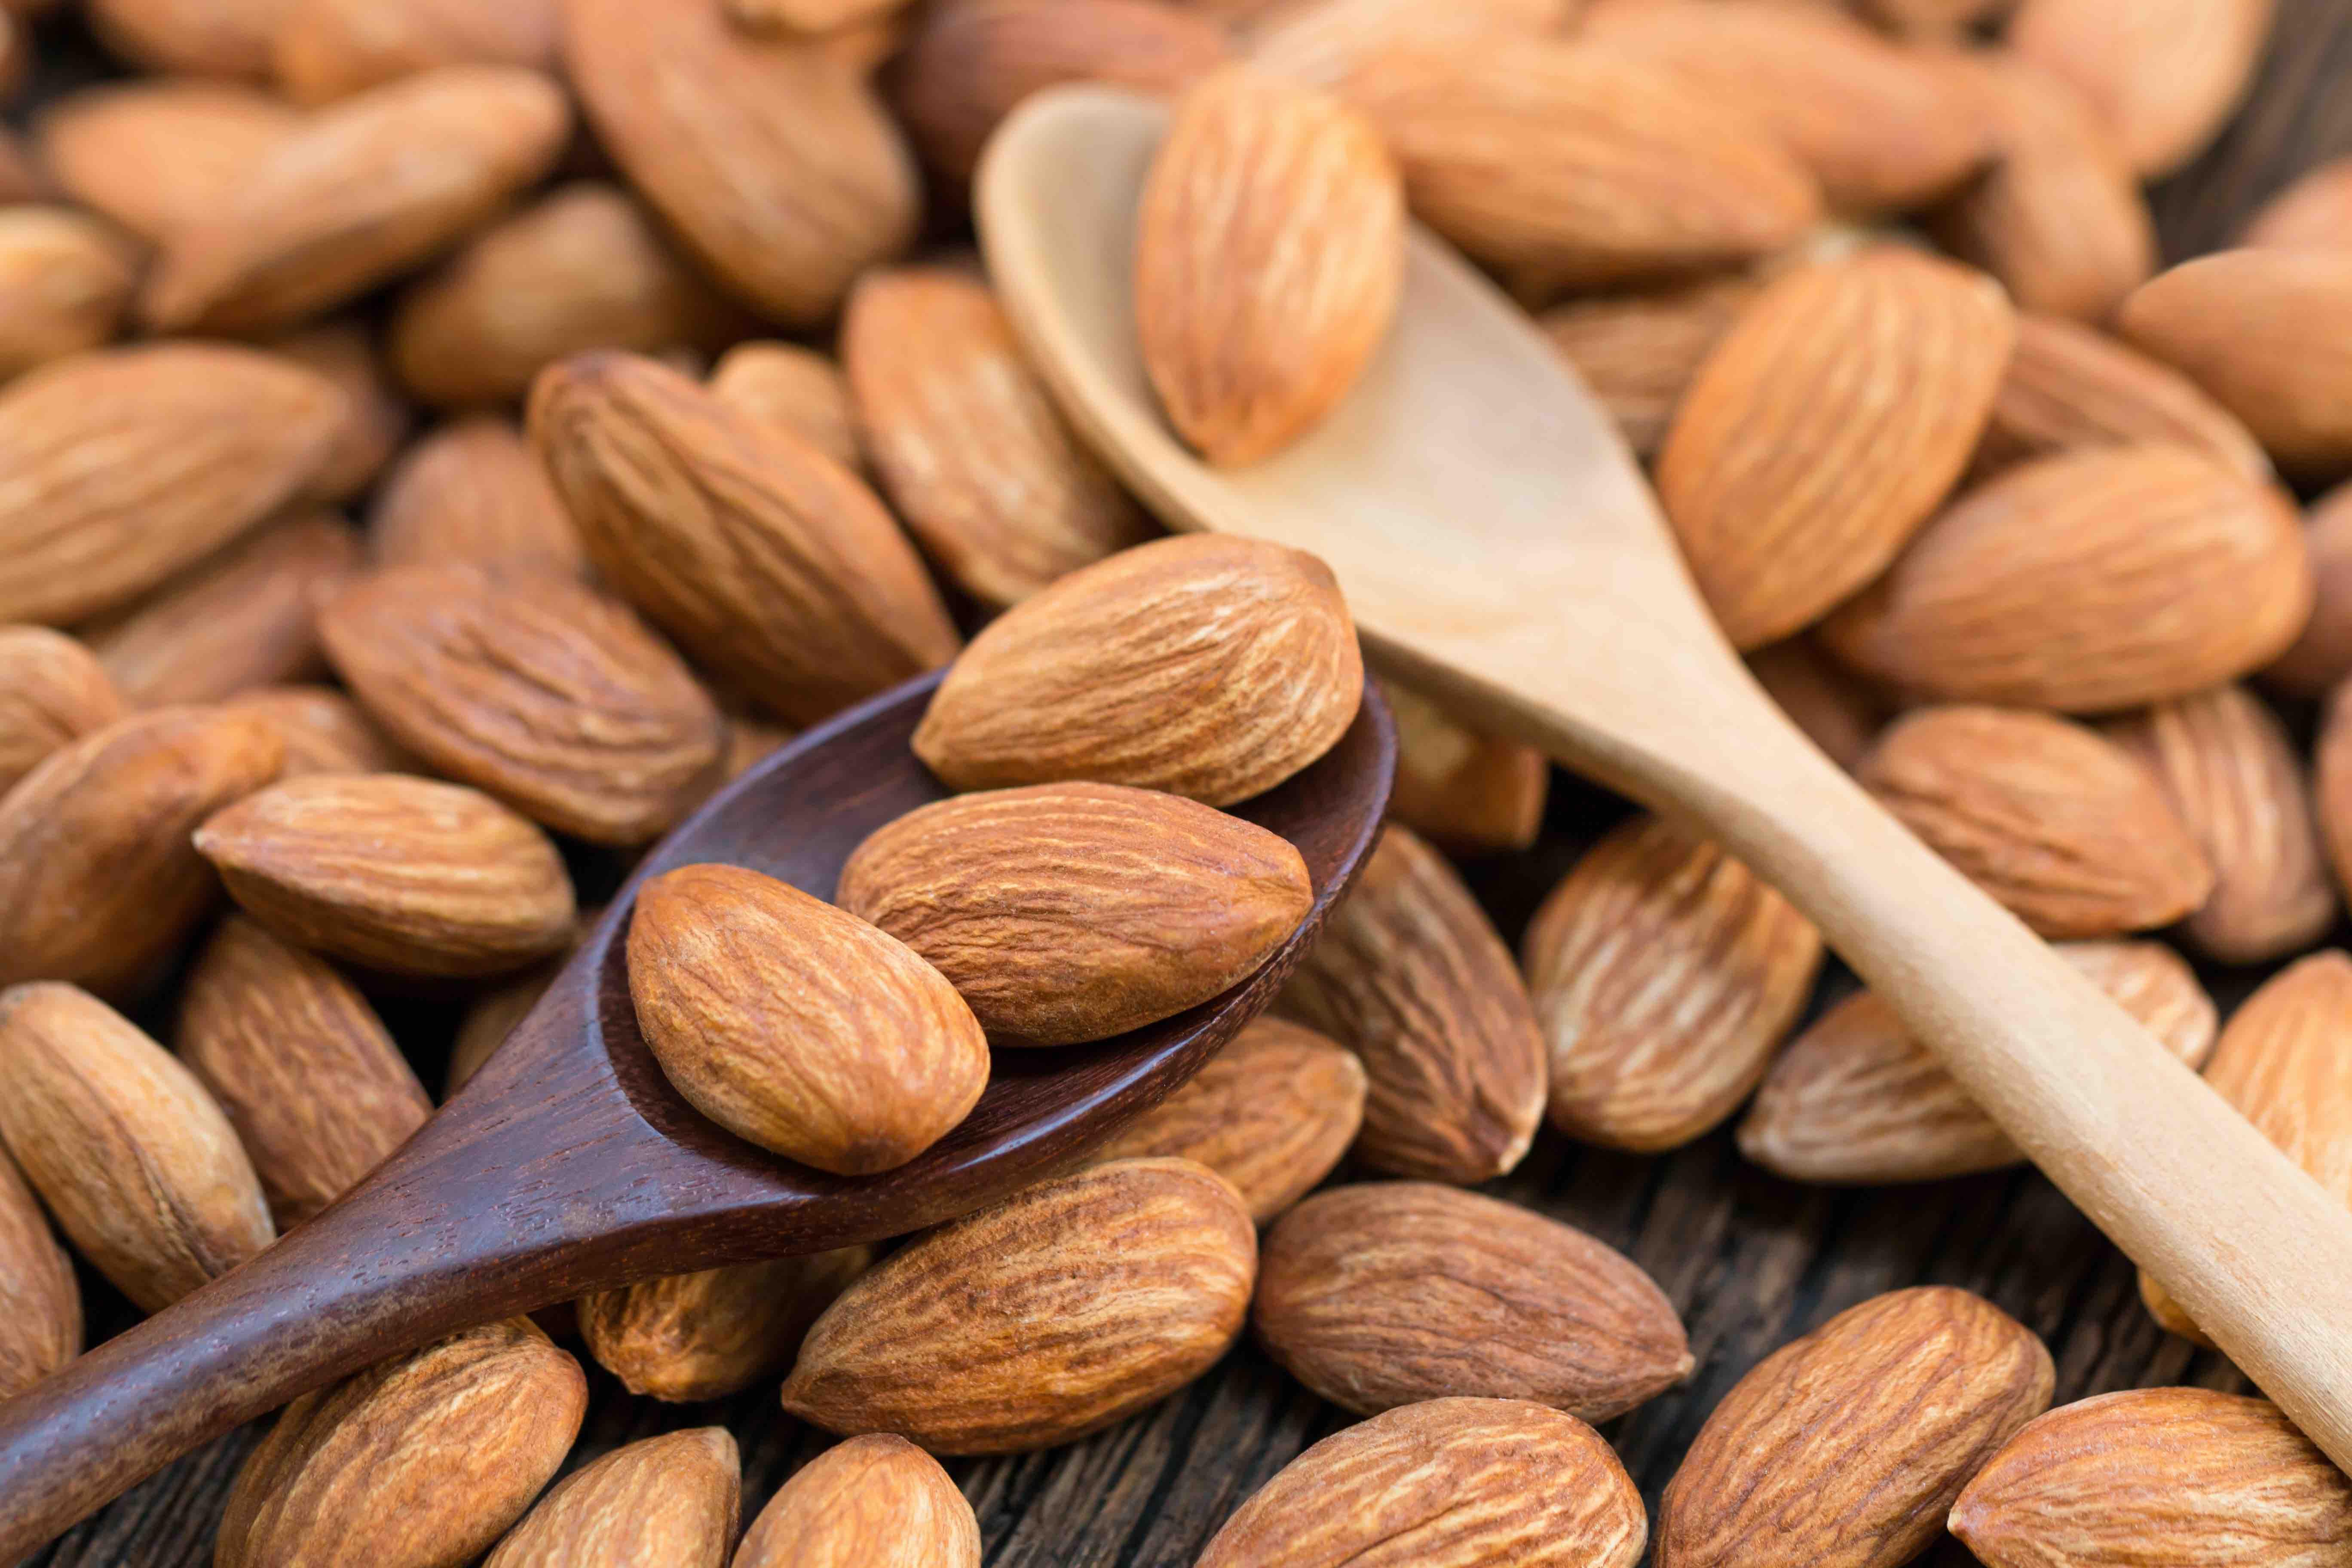 筋トレ効果をアップする神食材「アーモンド」が筋トレ民におすすめな理由とは[管理栄養士が解説]